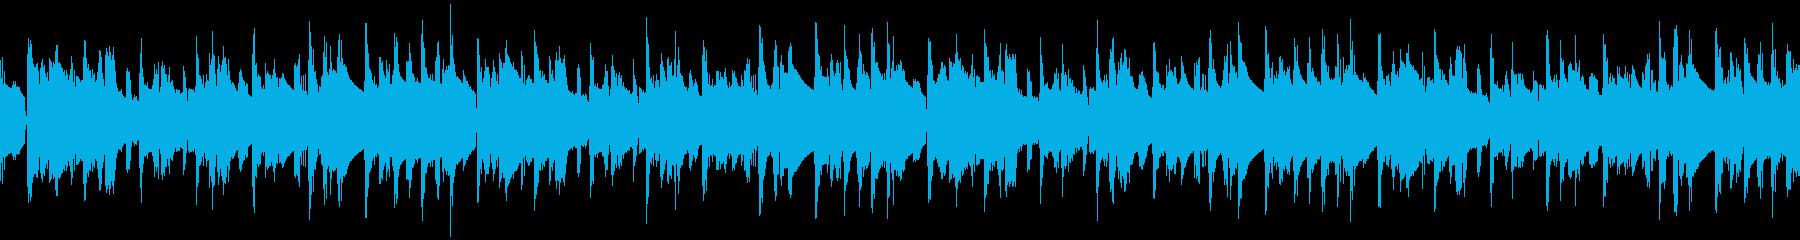 ループ 寝起きののんびりとしたオシャレ曲の再生済みの波形